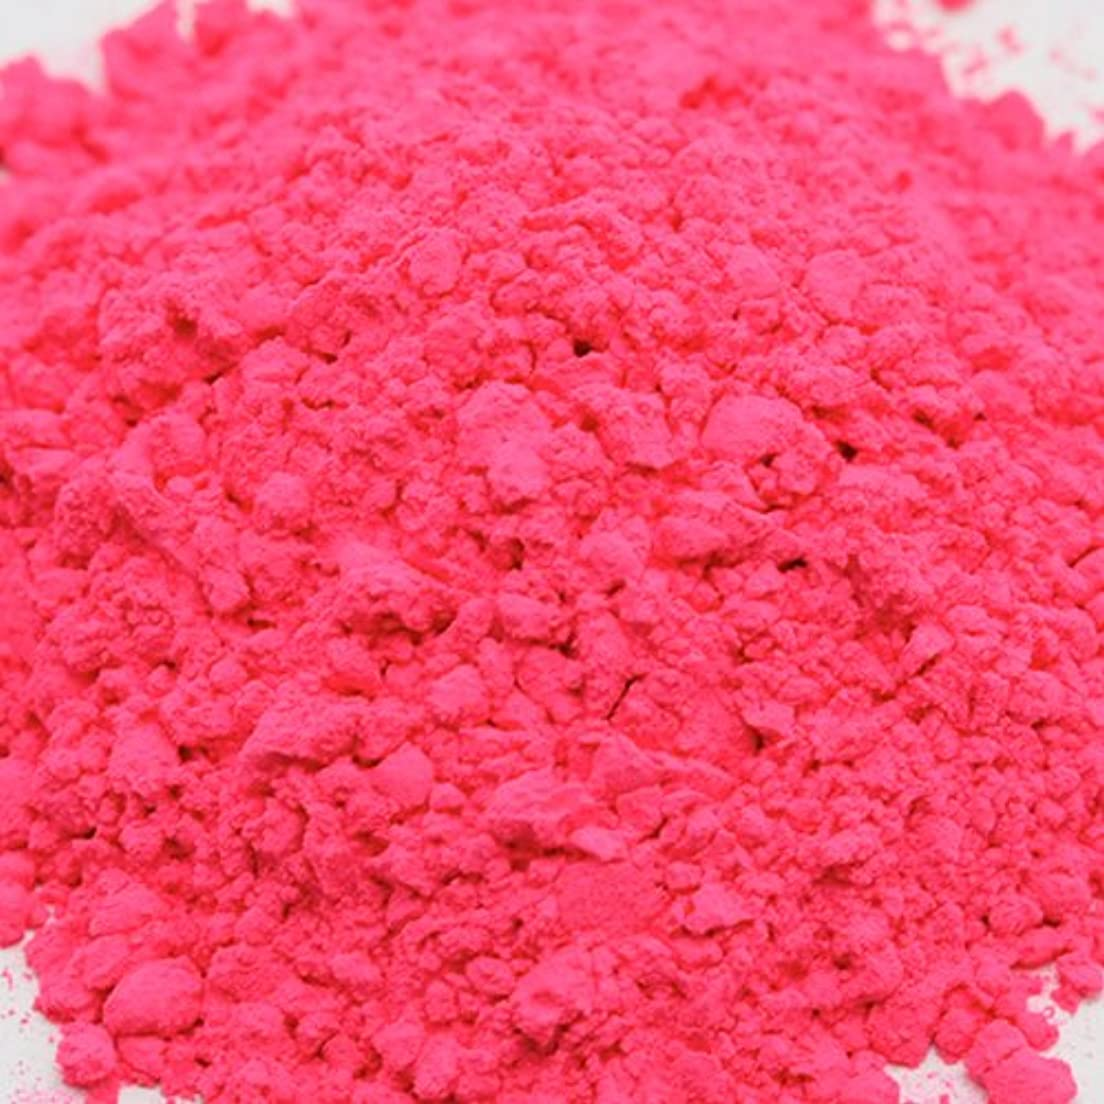 温度計サンダース咽頭キャンディカラー ライトピンク 20g 【手作り石鹸/手作りコスメ/色付け/カラーラント】